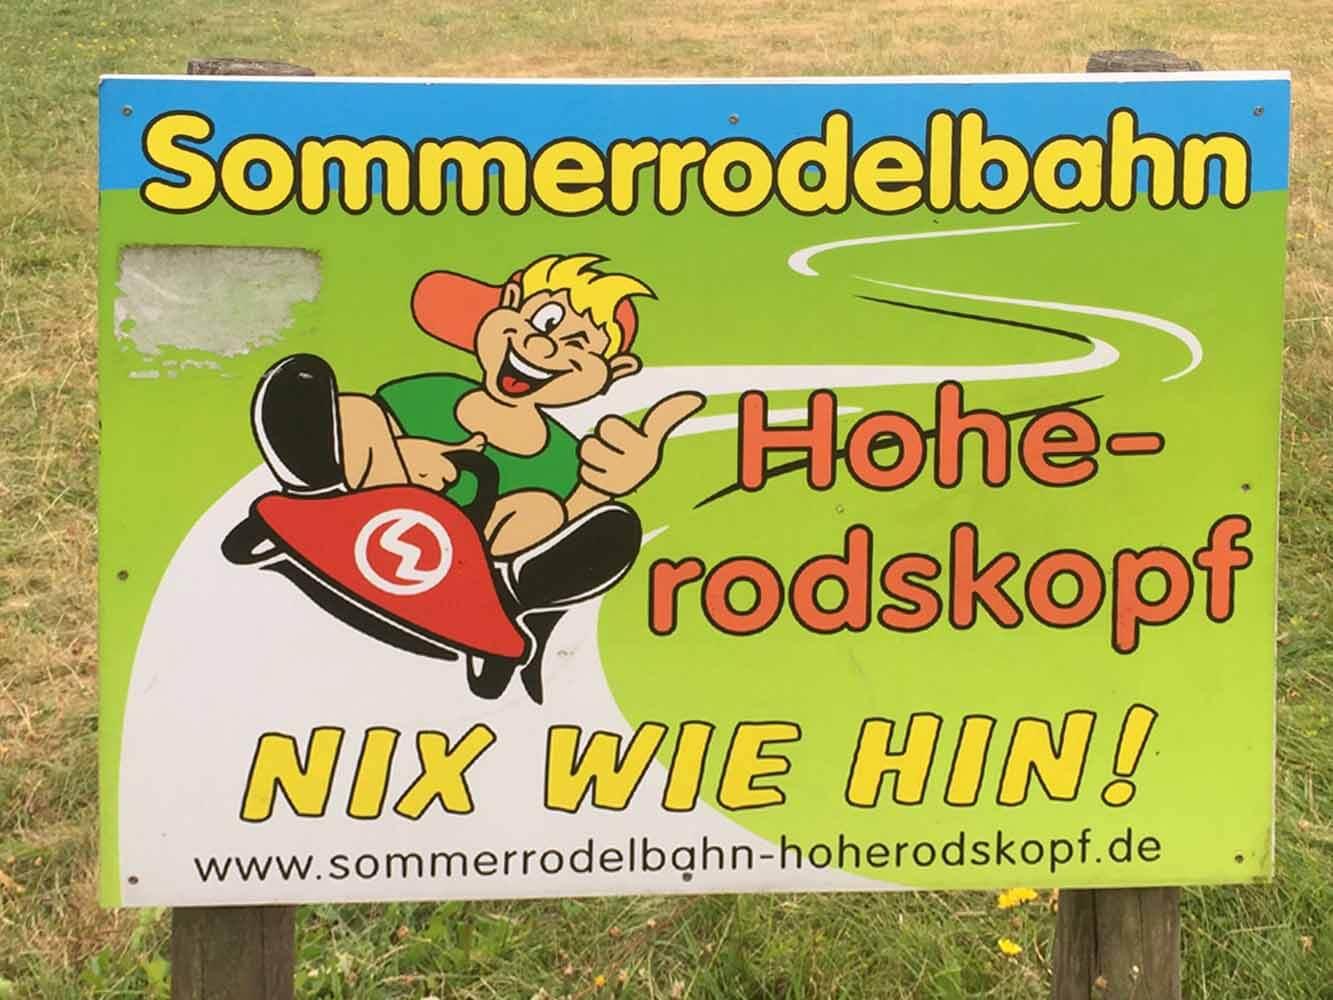 Sommerrodelbahn-hoherodskopf_125_ferienwohnung-schlitz.de